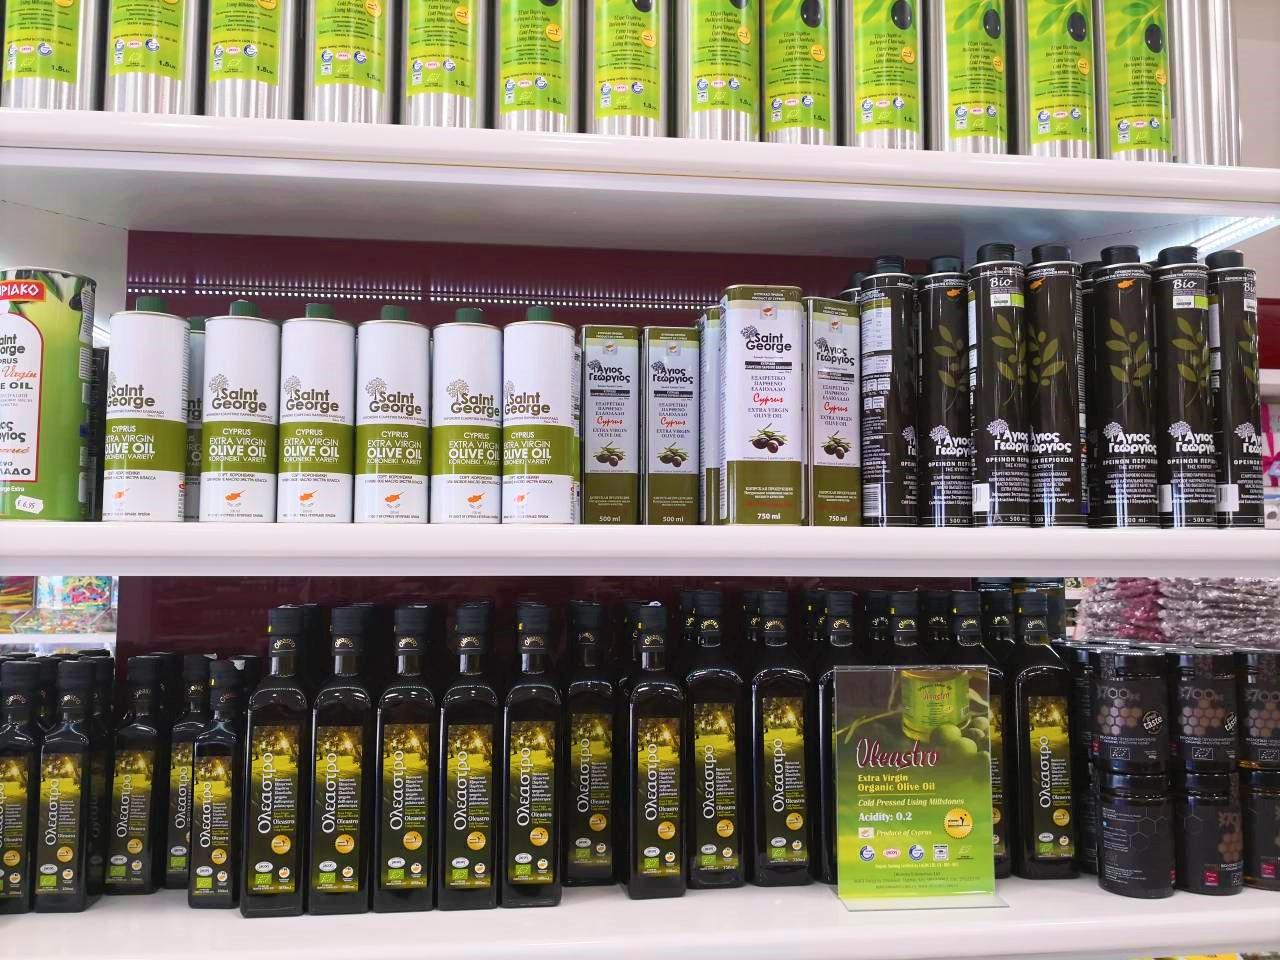 Косметика olive кипр купить купить косметику луис видмер